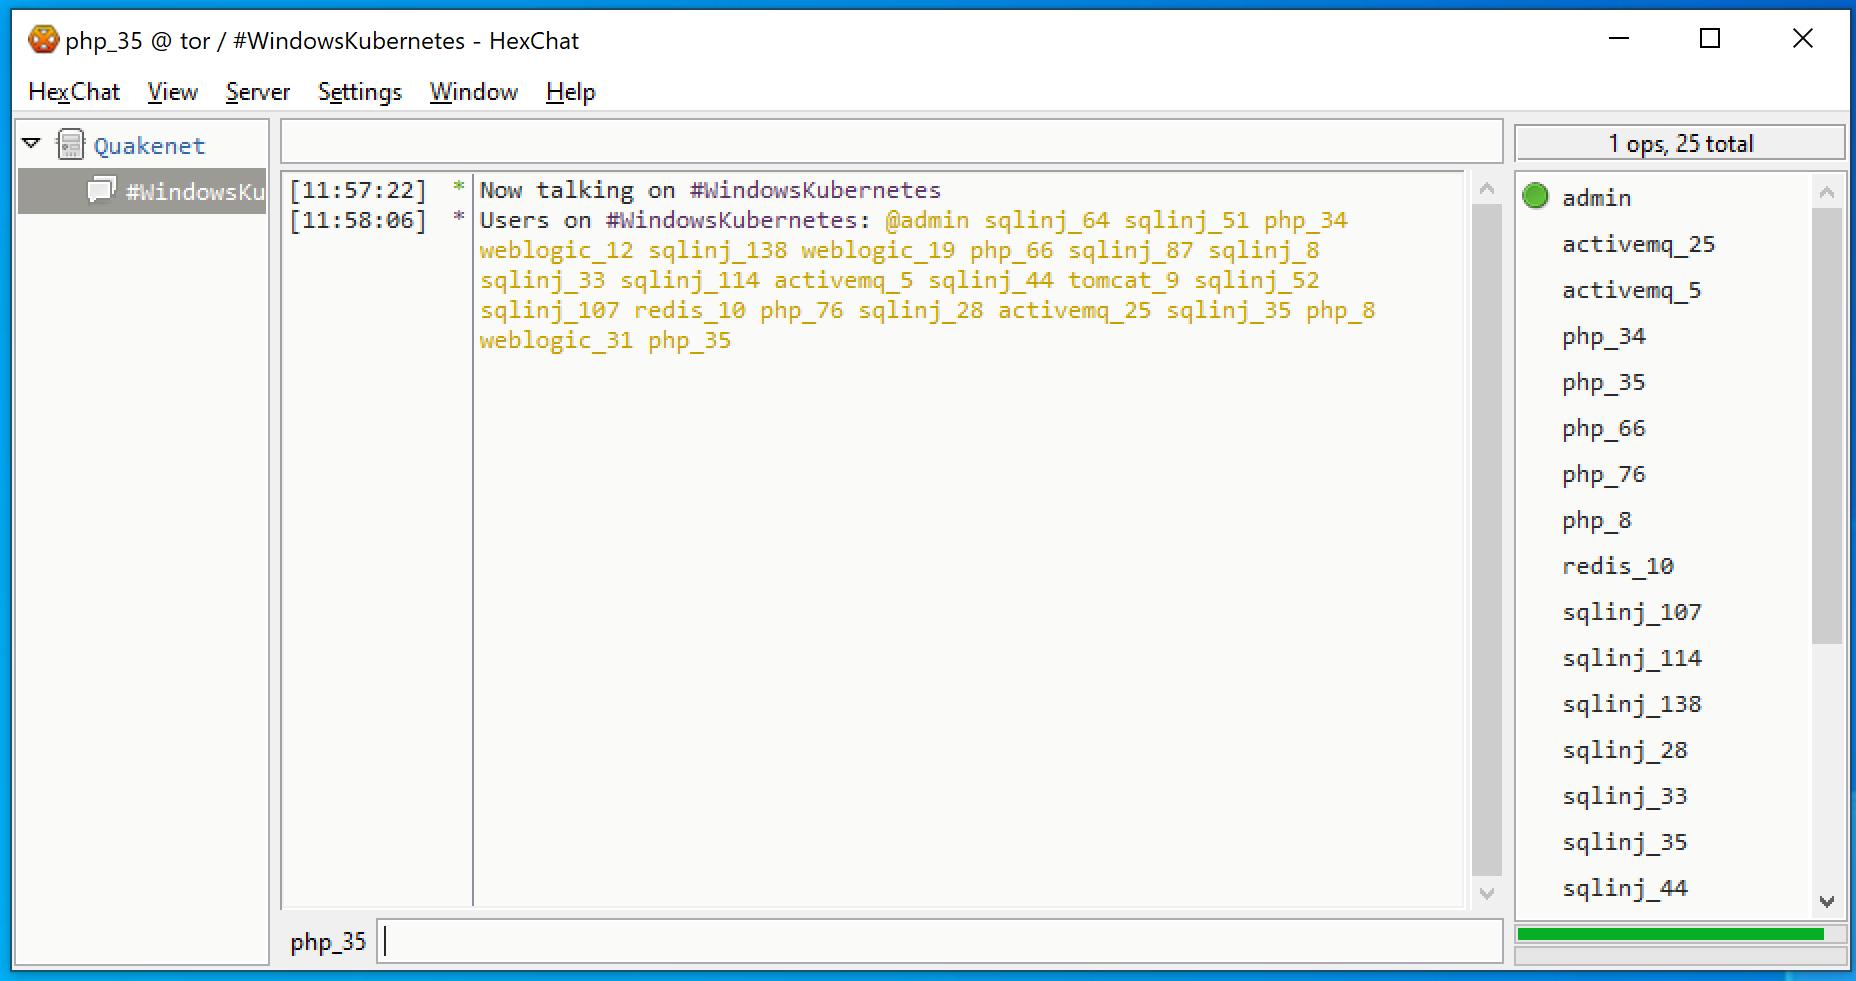 HexChatからC2サーバーに接続すると同マルウェアのアクティブな被害者をリストアップしたこの画面を確認することができました。